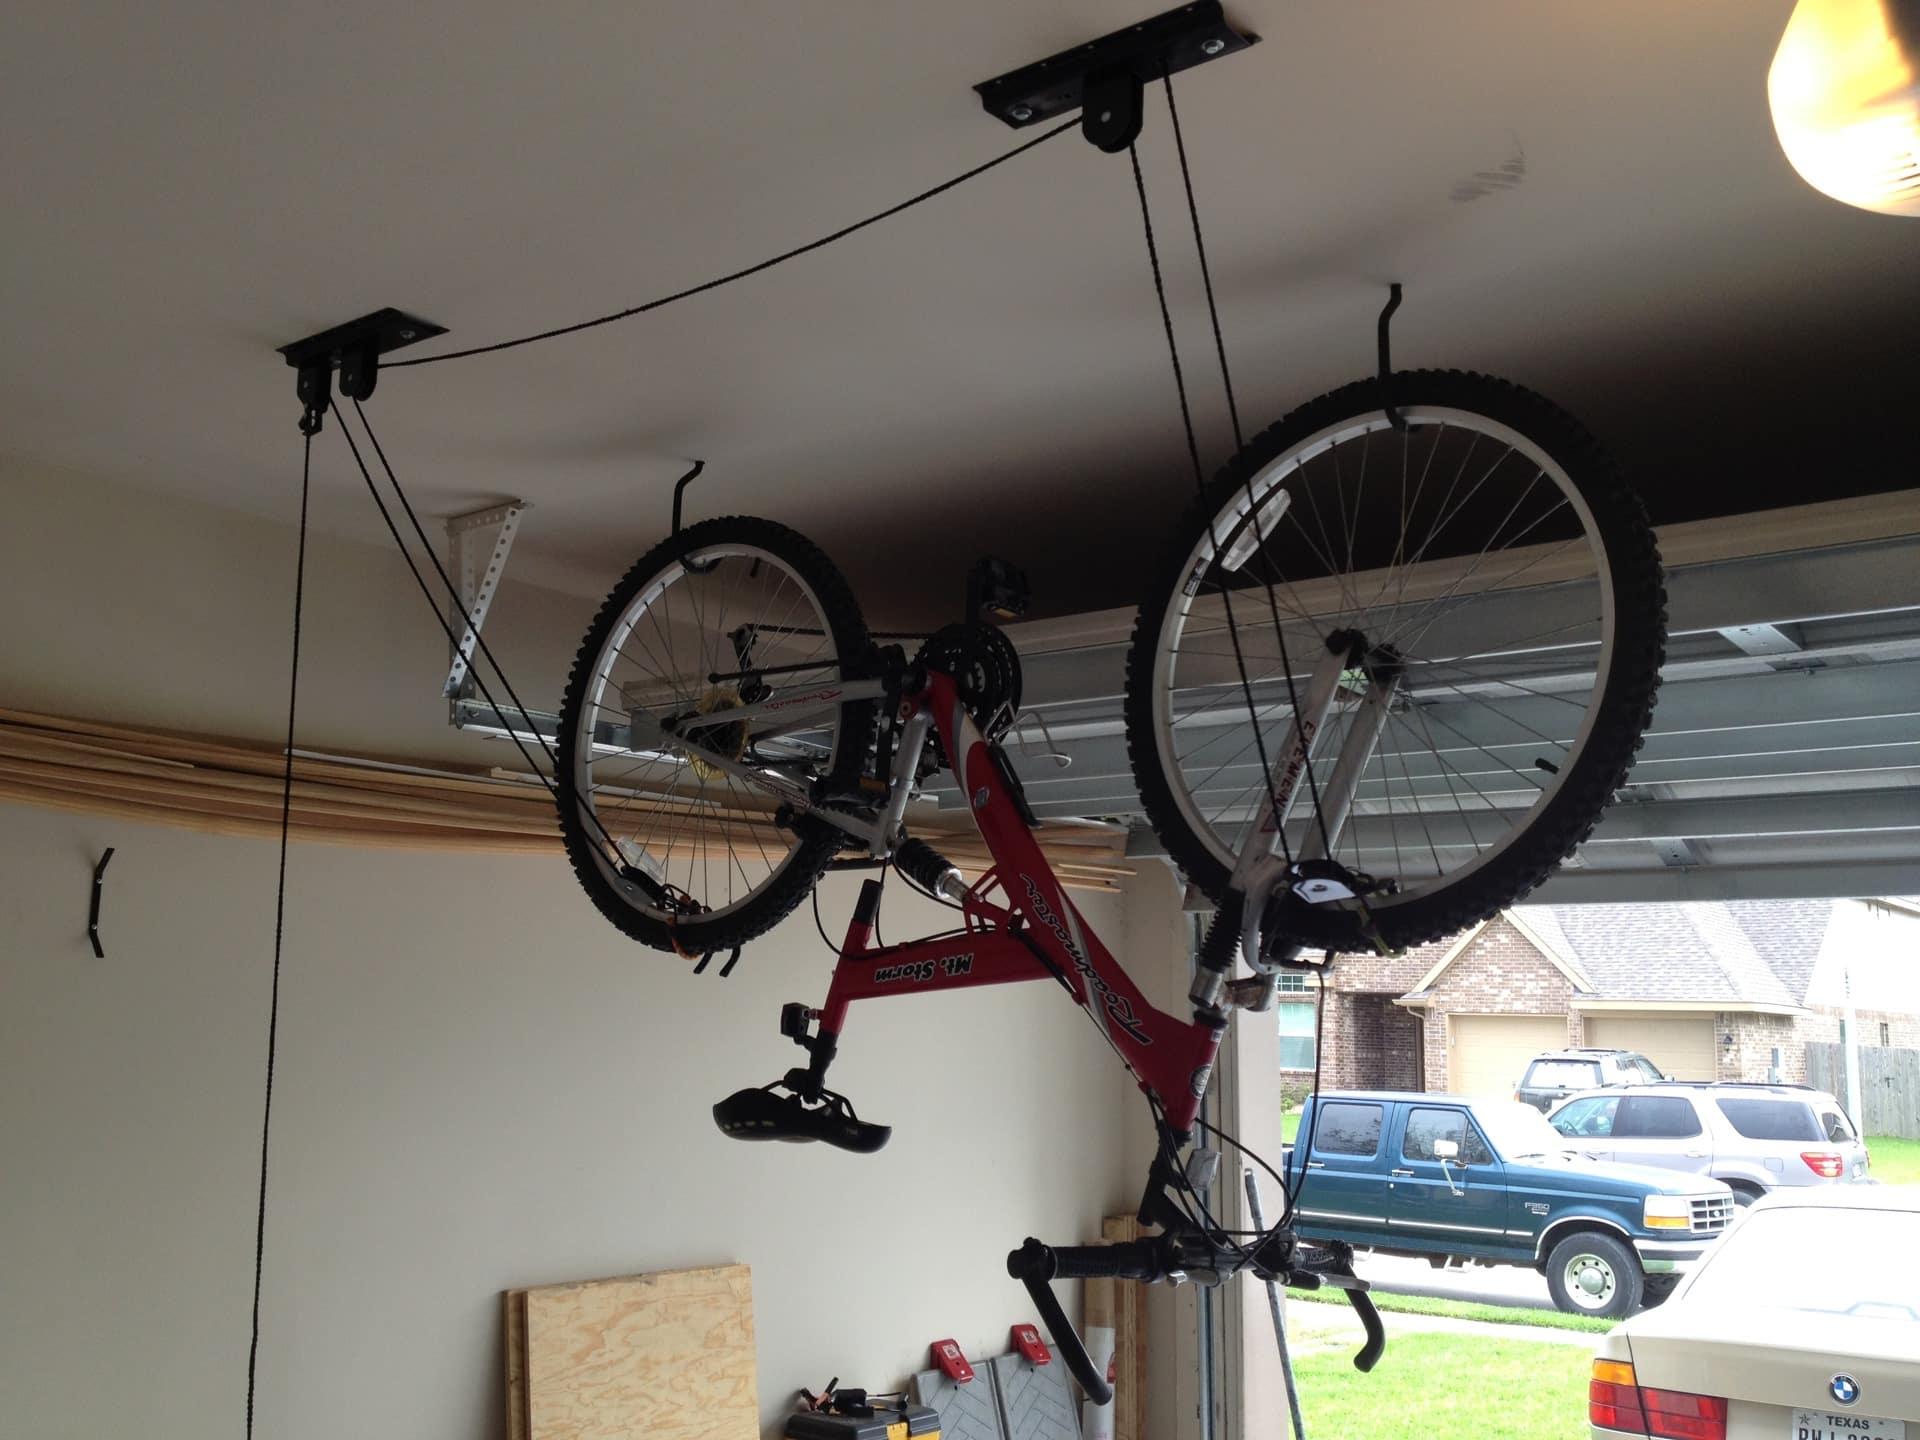 Как хранить велосипед зимой в гараже или подвале | Как хранить велосипед зимой: на балконе, в гараже, в квартире